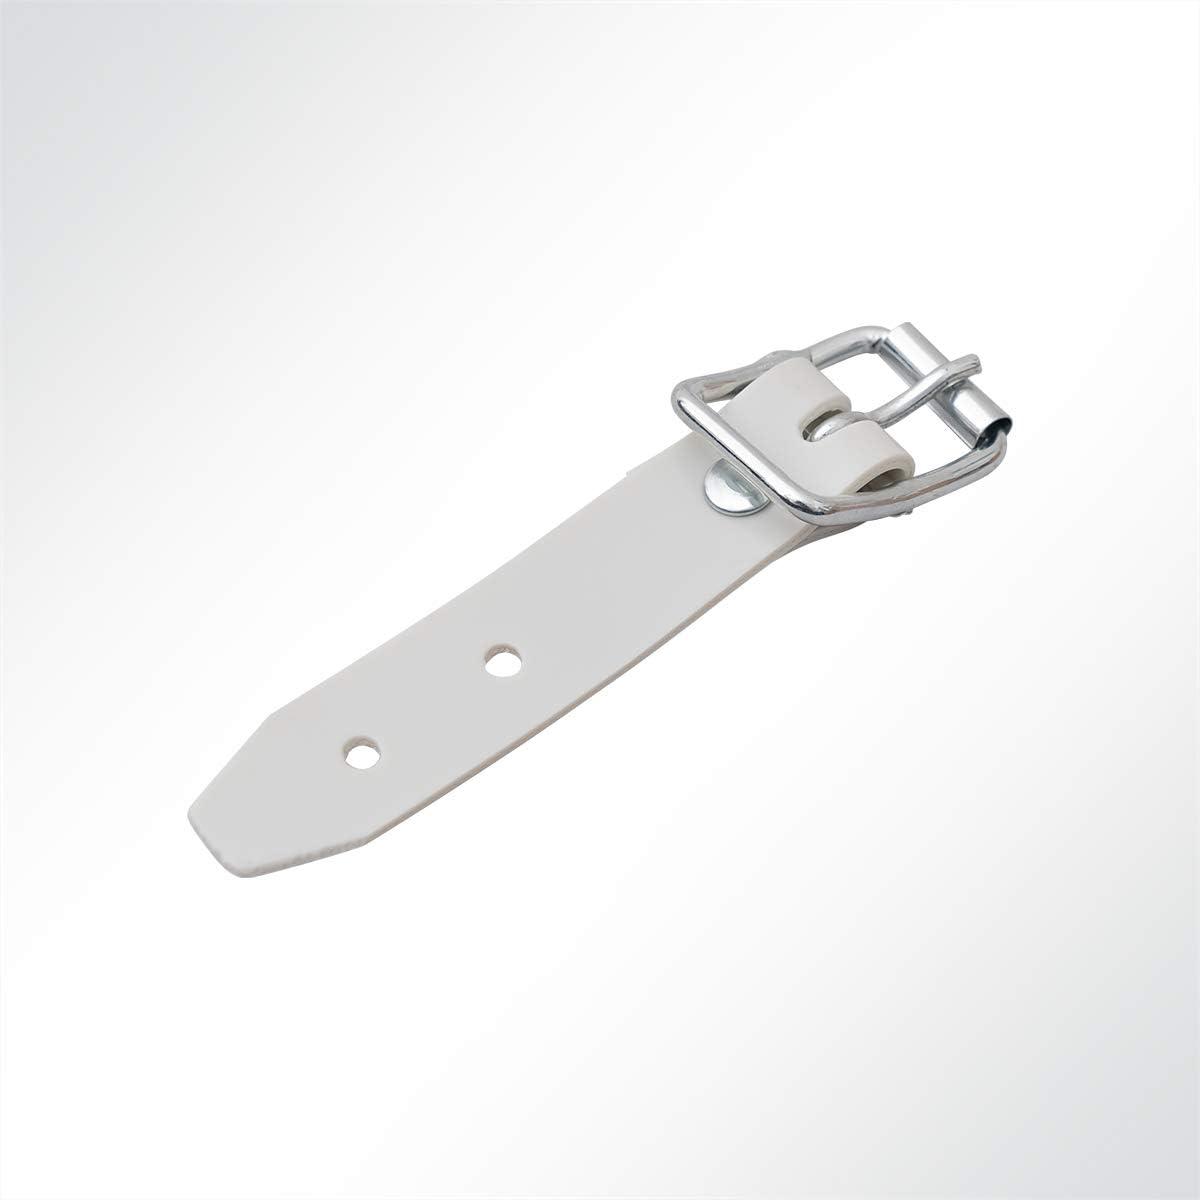 Lysel Schnallkappe Riemen Rollschnalle Für Anhänger Planen Grau Küche Haushalt